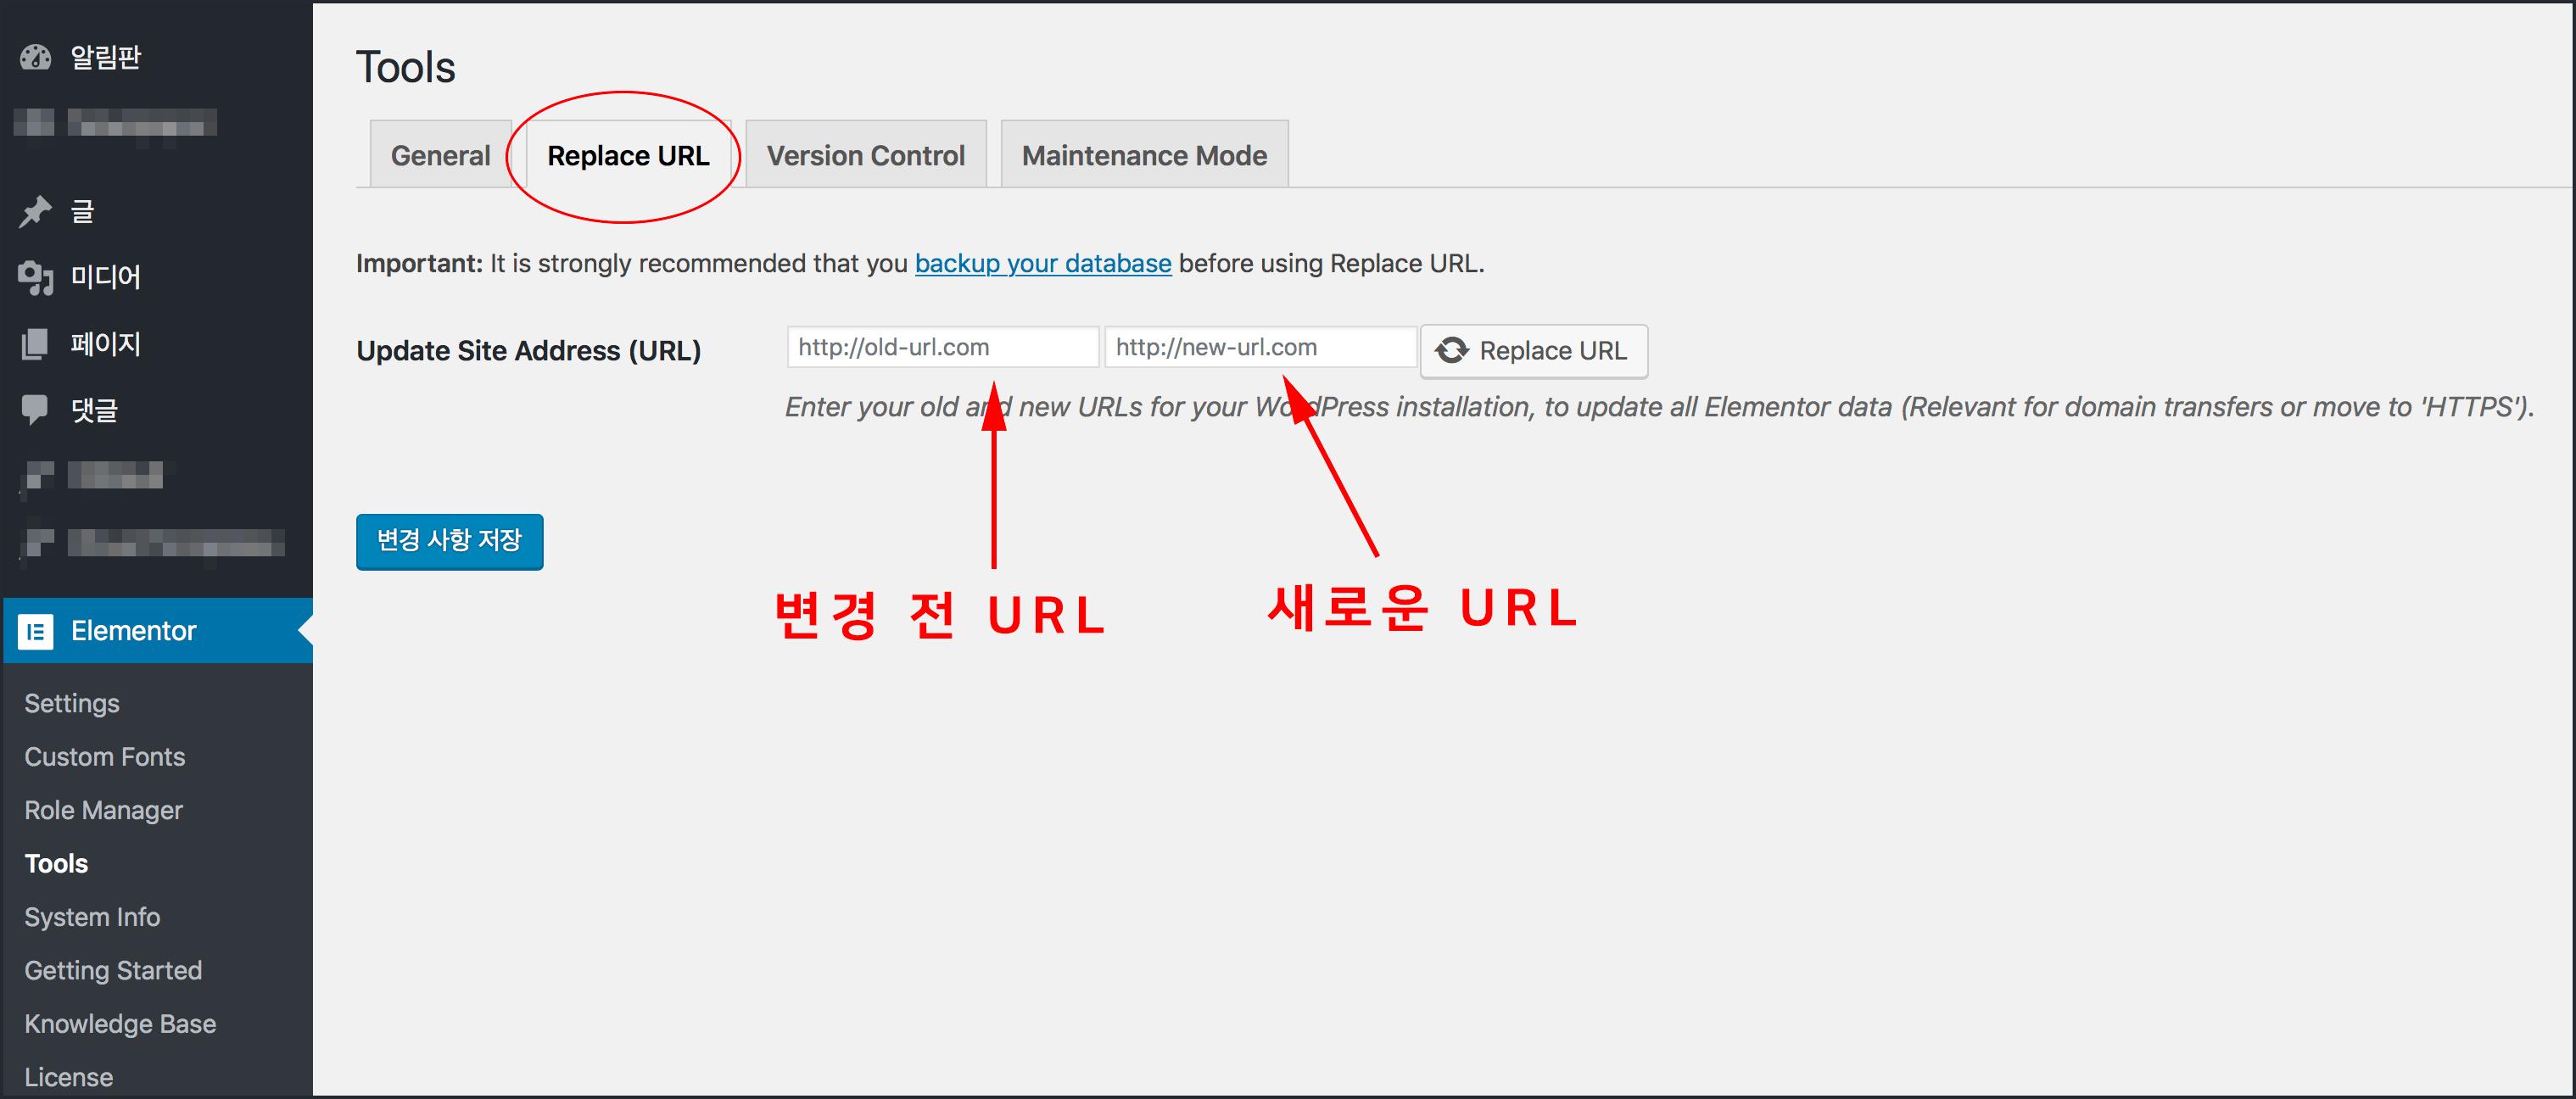 Update Site Address (URL)에 두개의 입력 필드가 잇고 Replace URL 실행 버튼이 있다.